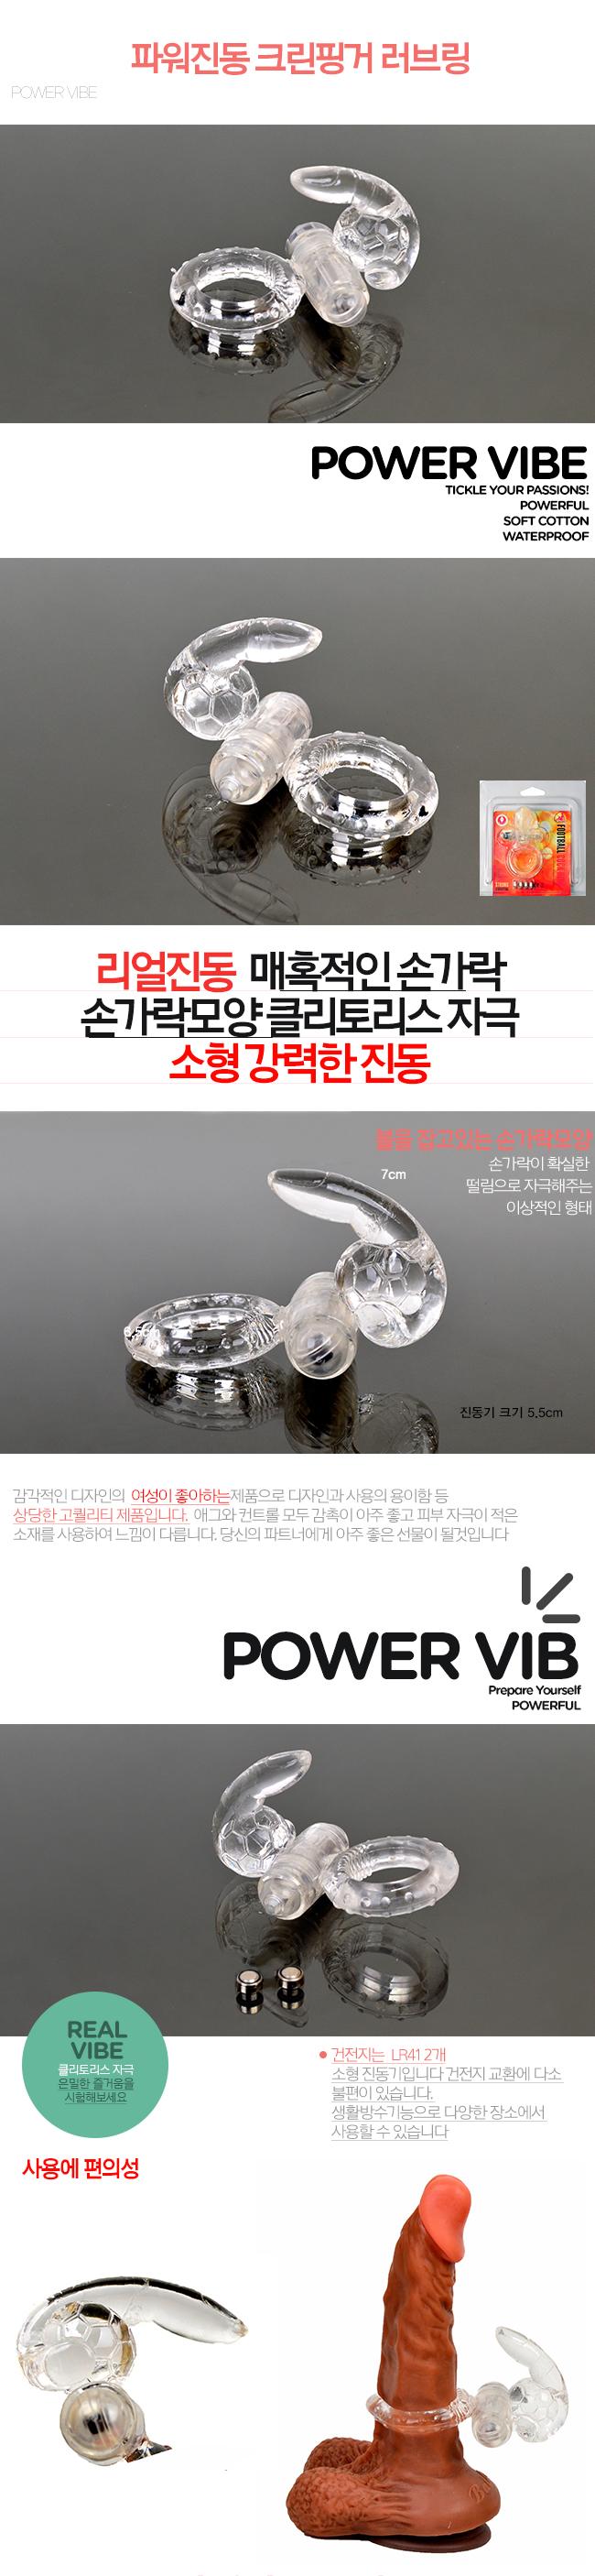 [손가락모양] 파워진동 크린핑거 러브링-65002